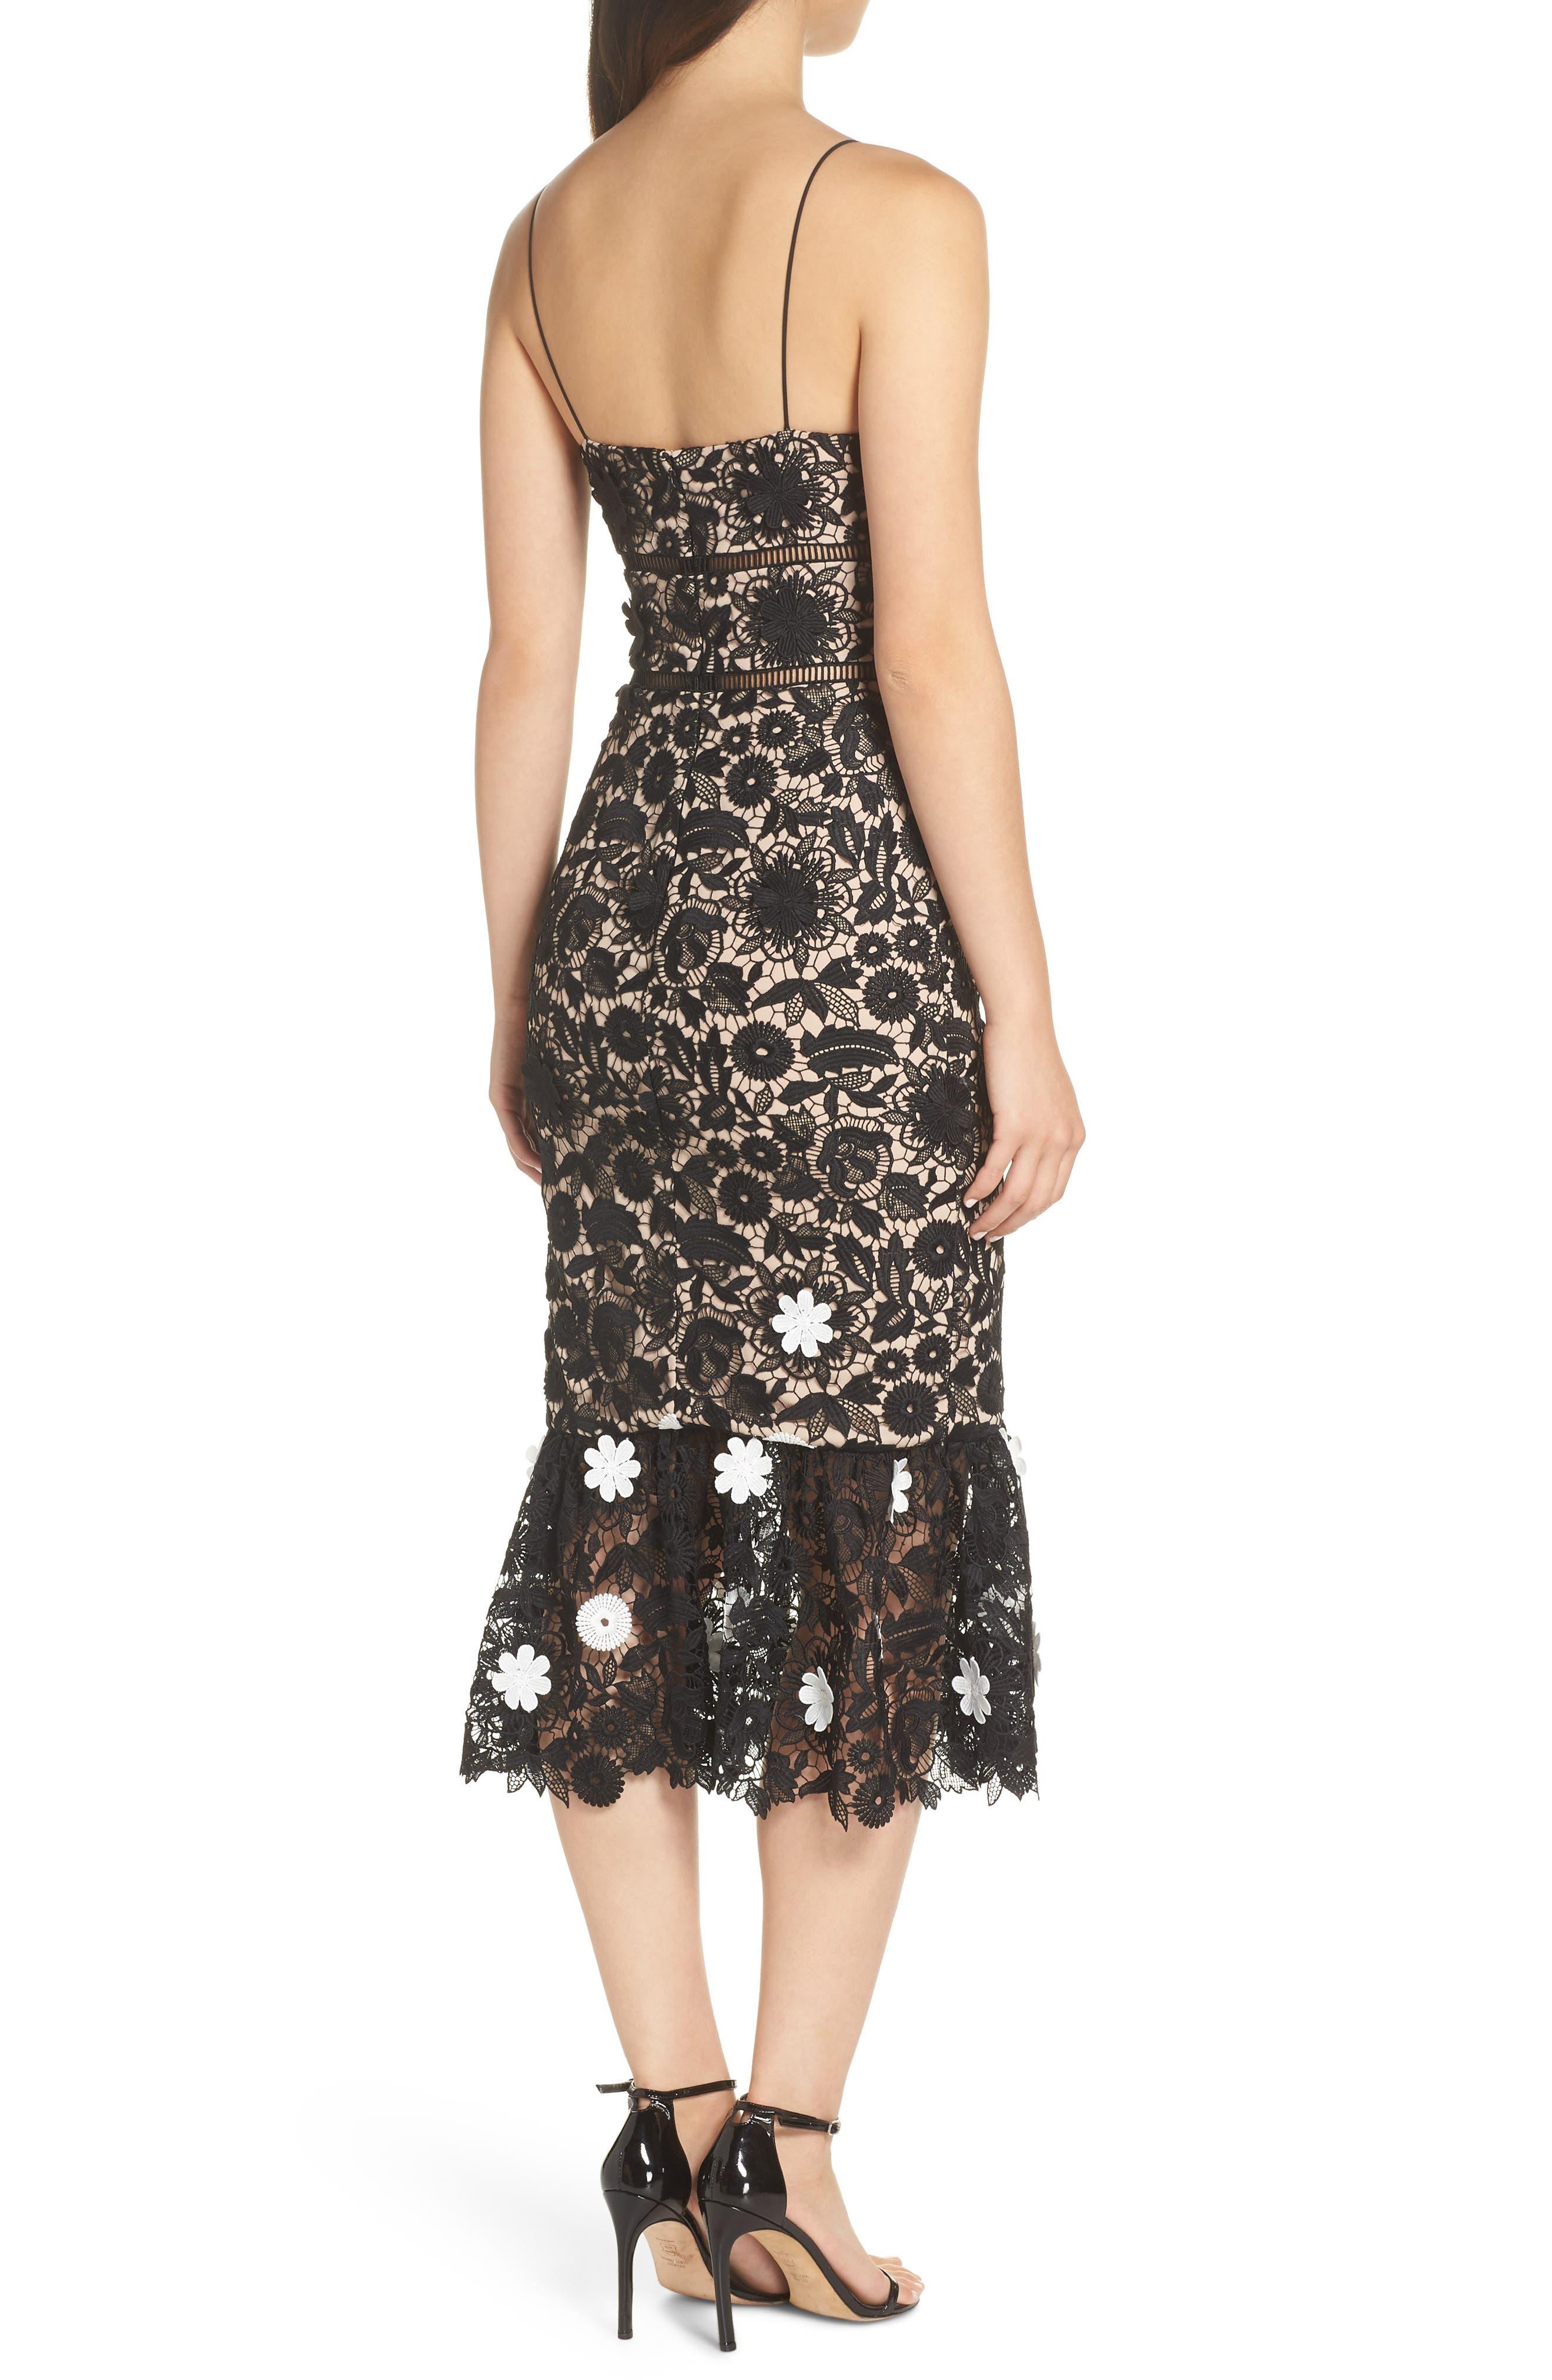 ML MONIQUE LHUILLIER,                             3D Floral Lace Cocktail Dress,                             Alternate thumbnail 2, color,                             001